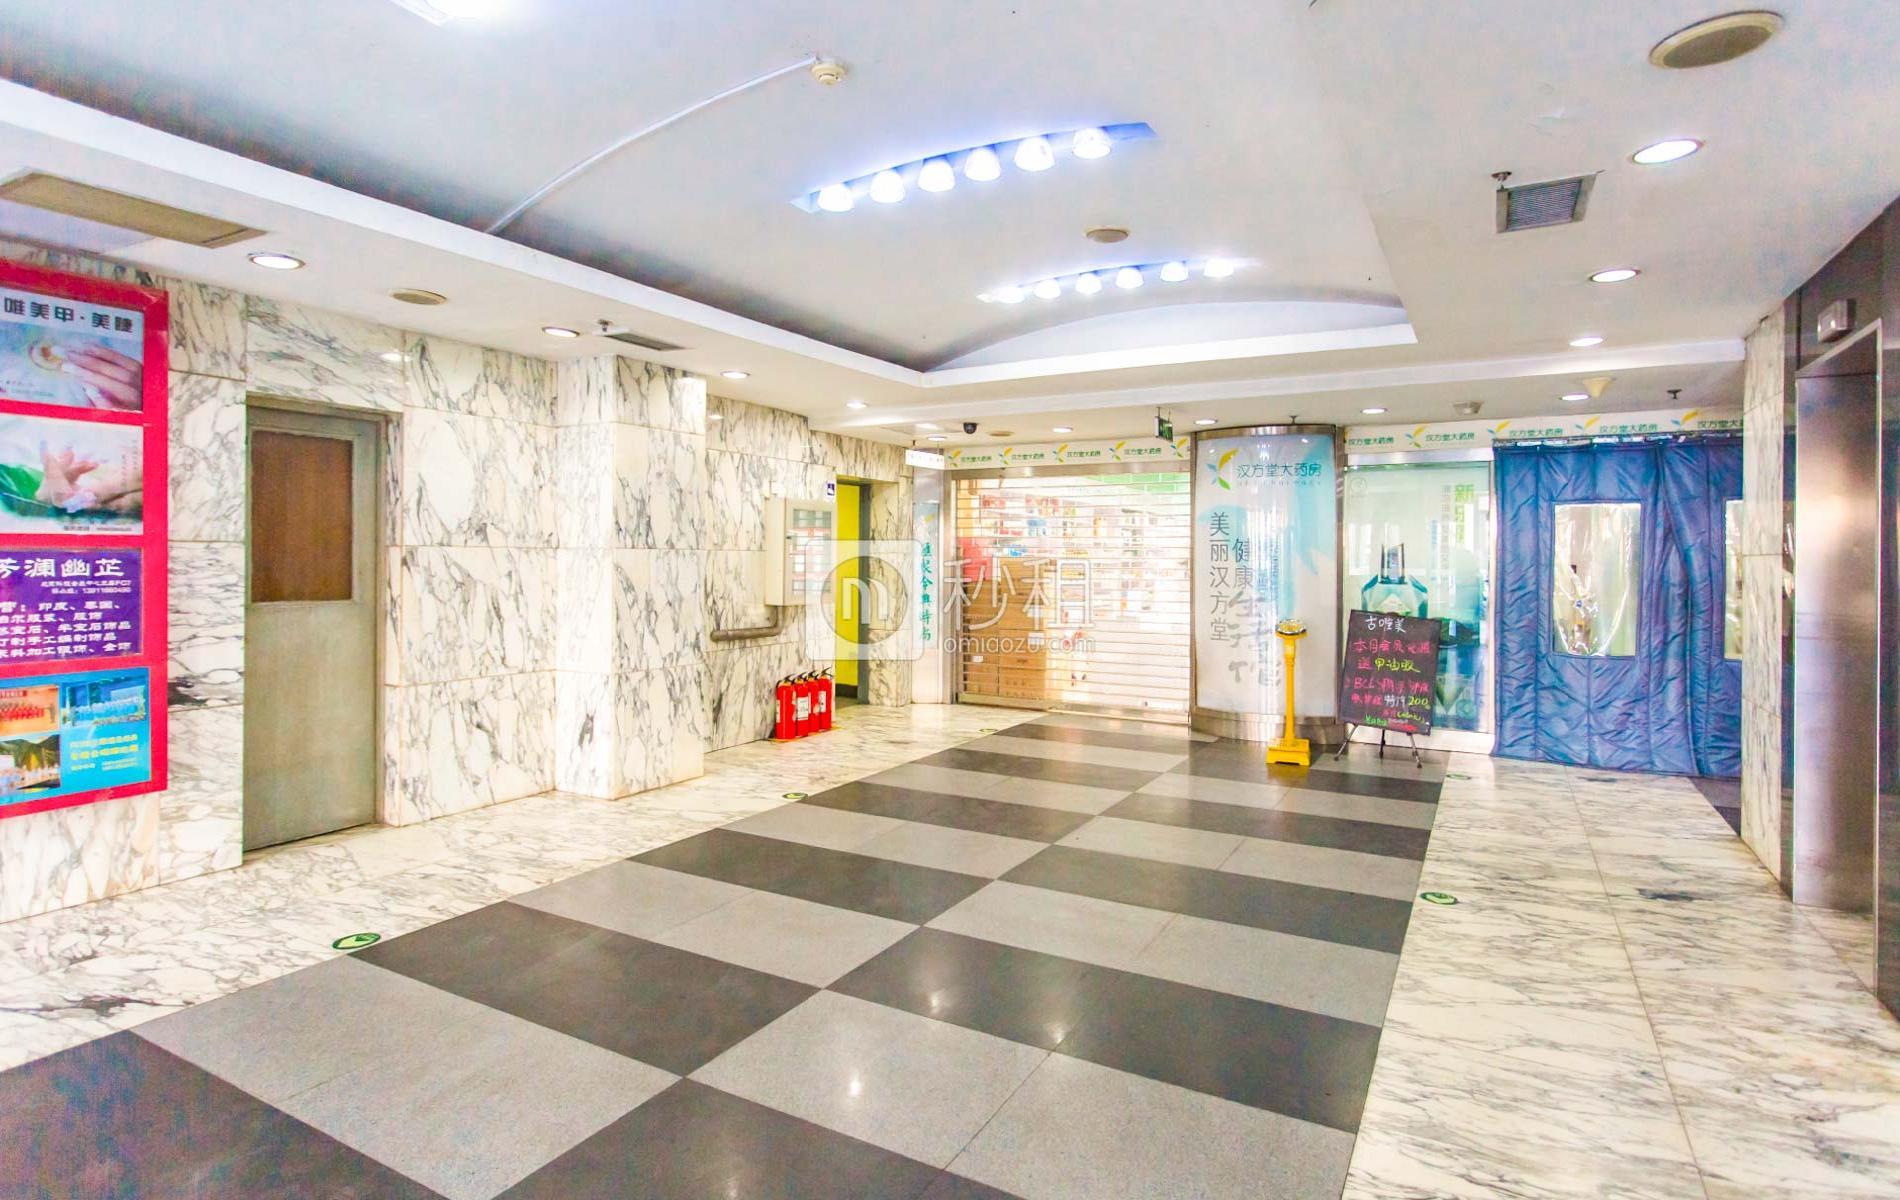 北京科技会展中心